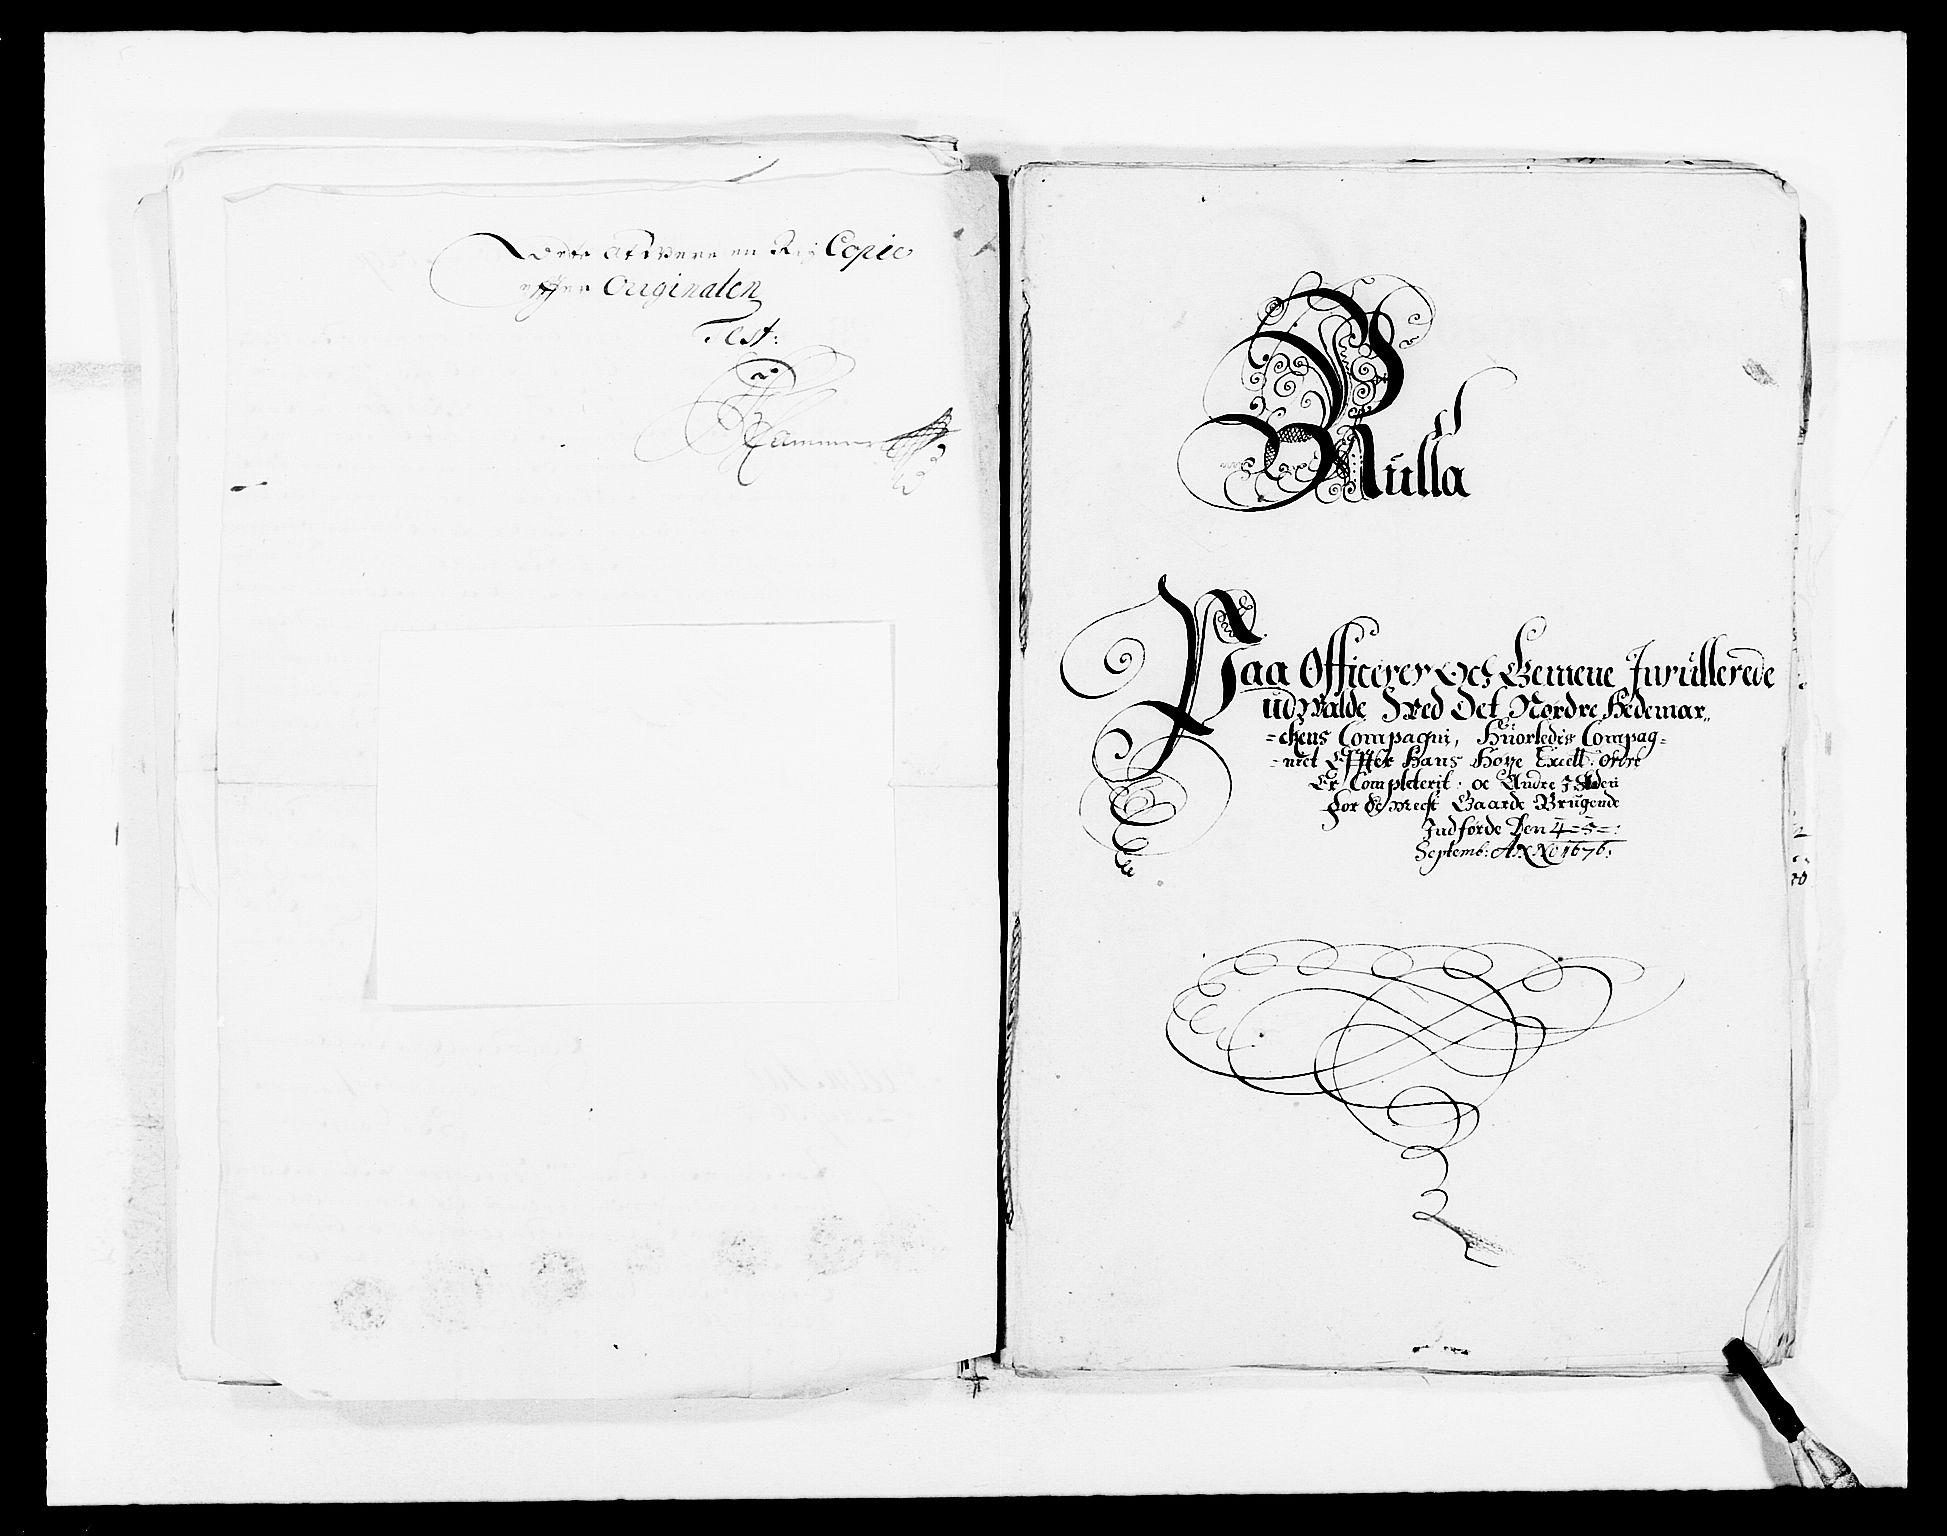 RA, Rentekammeret inntil 1814, Reviderte regnskaper, Fogderegnskap, R16/L1019: Fogderegnskap Hedmark, 1679, s. 186